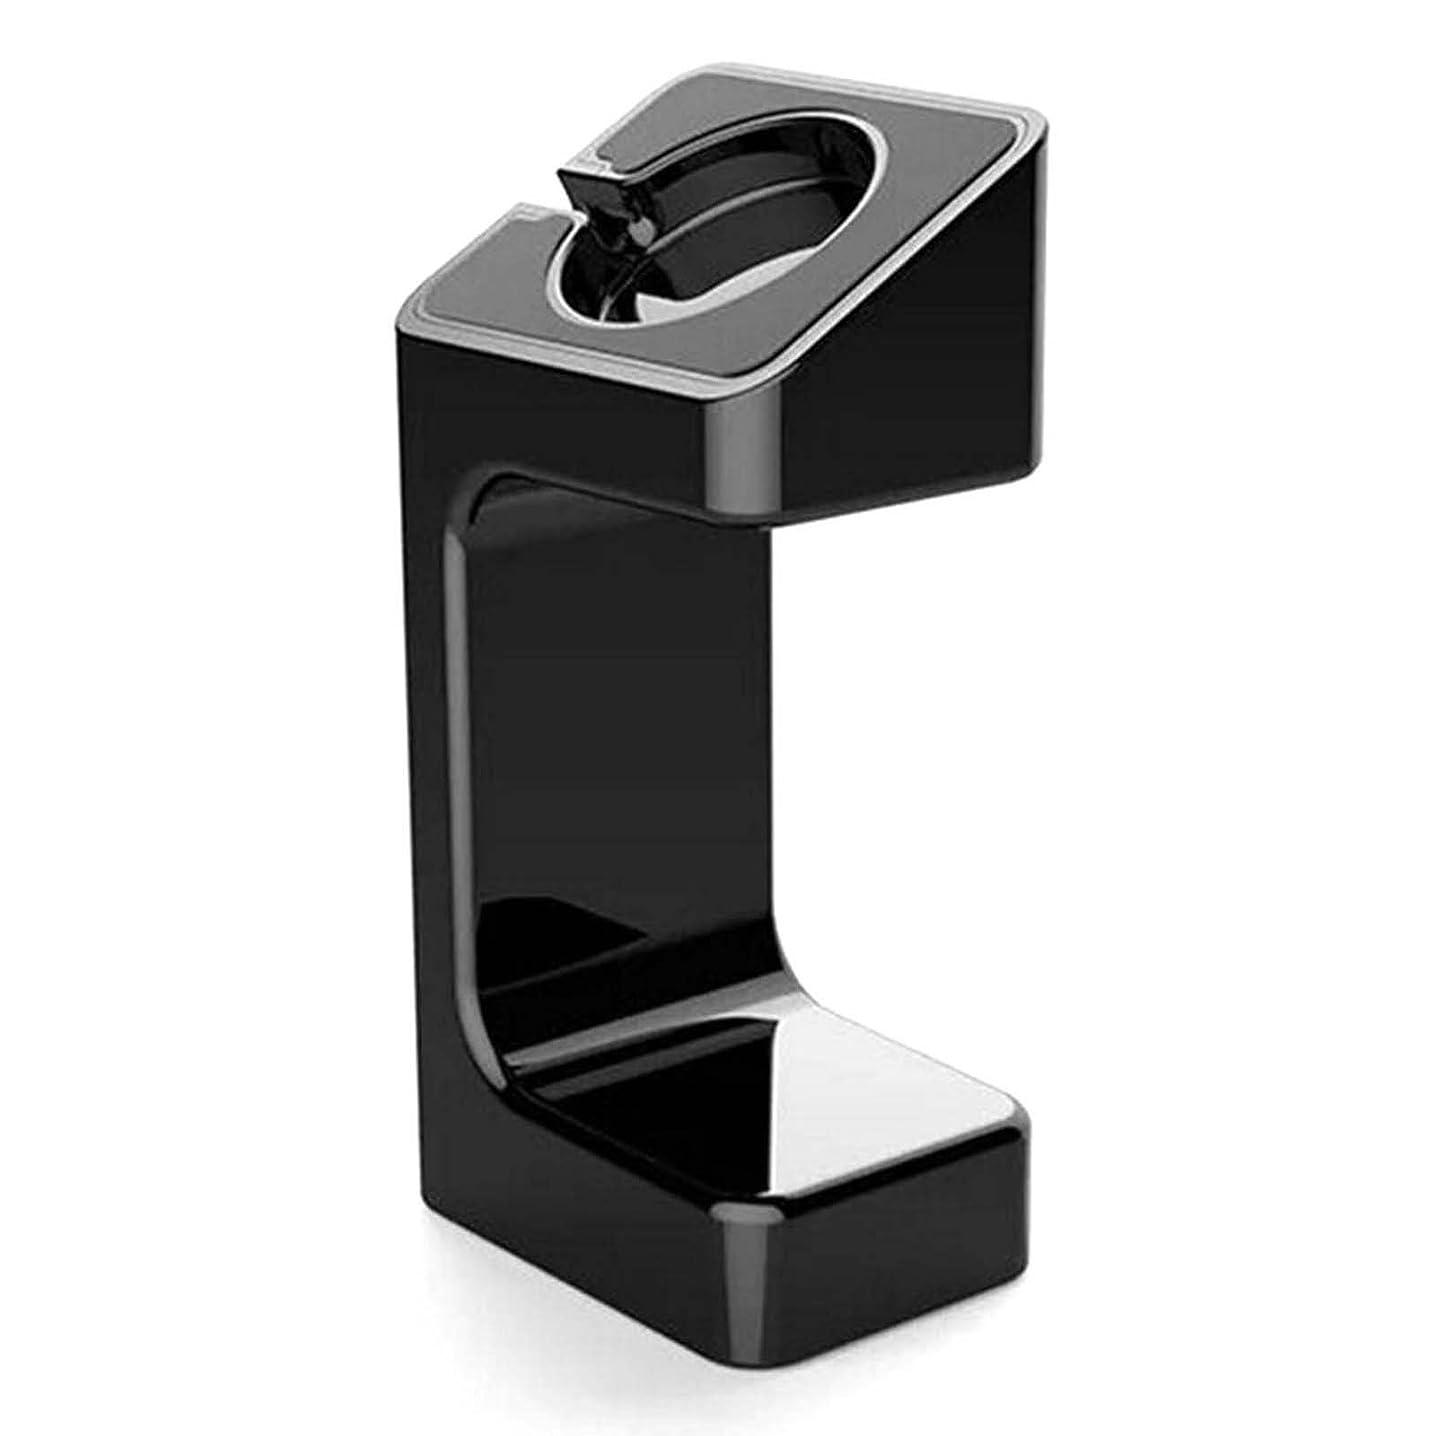 恐ろしいもろい帽子Apple Watch用 充電スタンド iWatchディスプレイ マウント ?汎用 ホルダー ドック 両方 38 mm と 42 mm プラスチック 黒